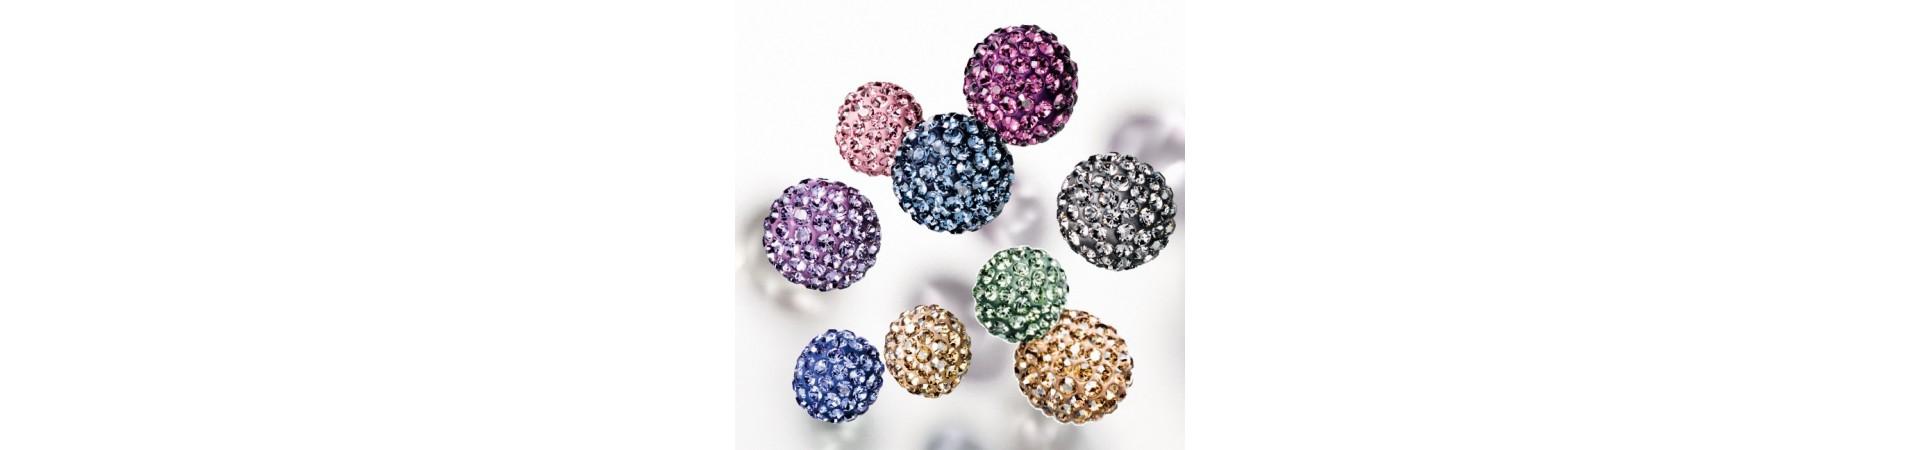 Pavè Ball Beads